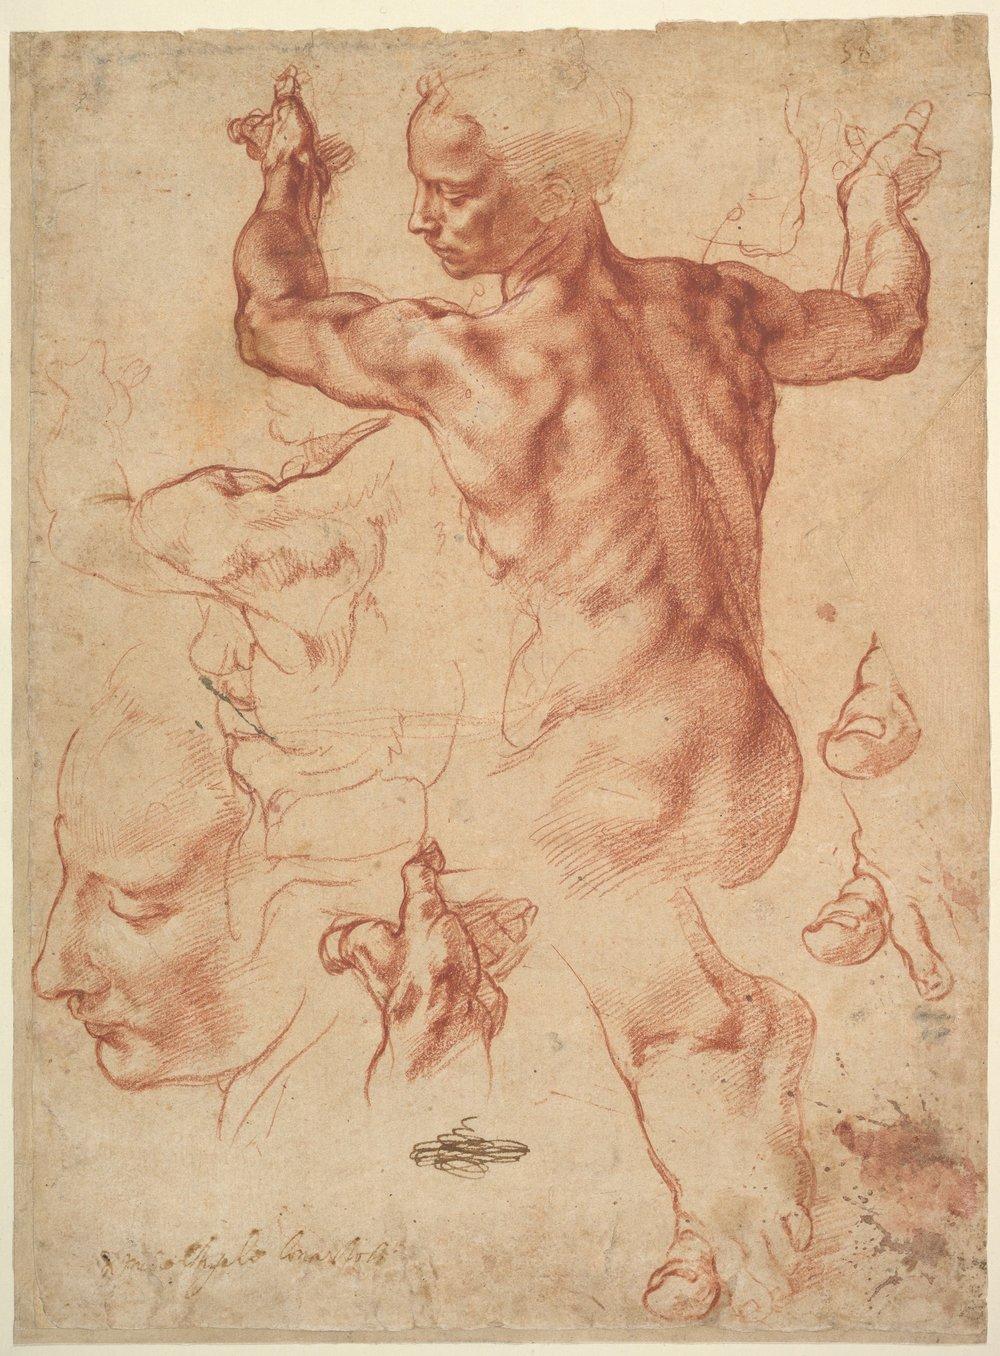 Michelangelo figure studies.